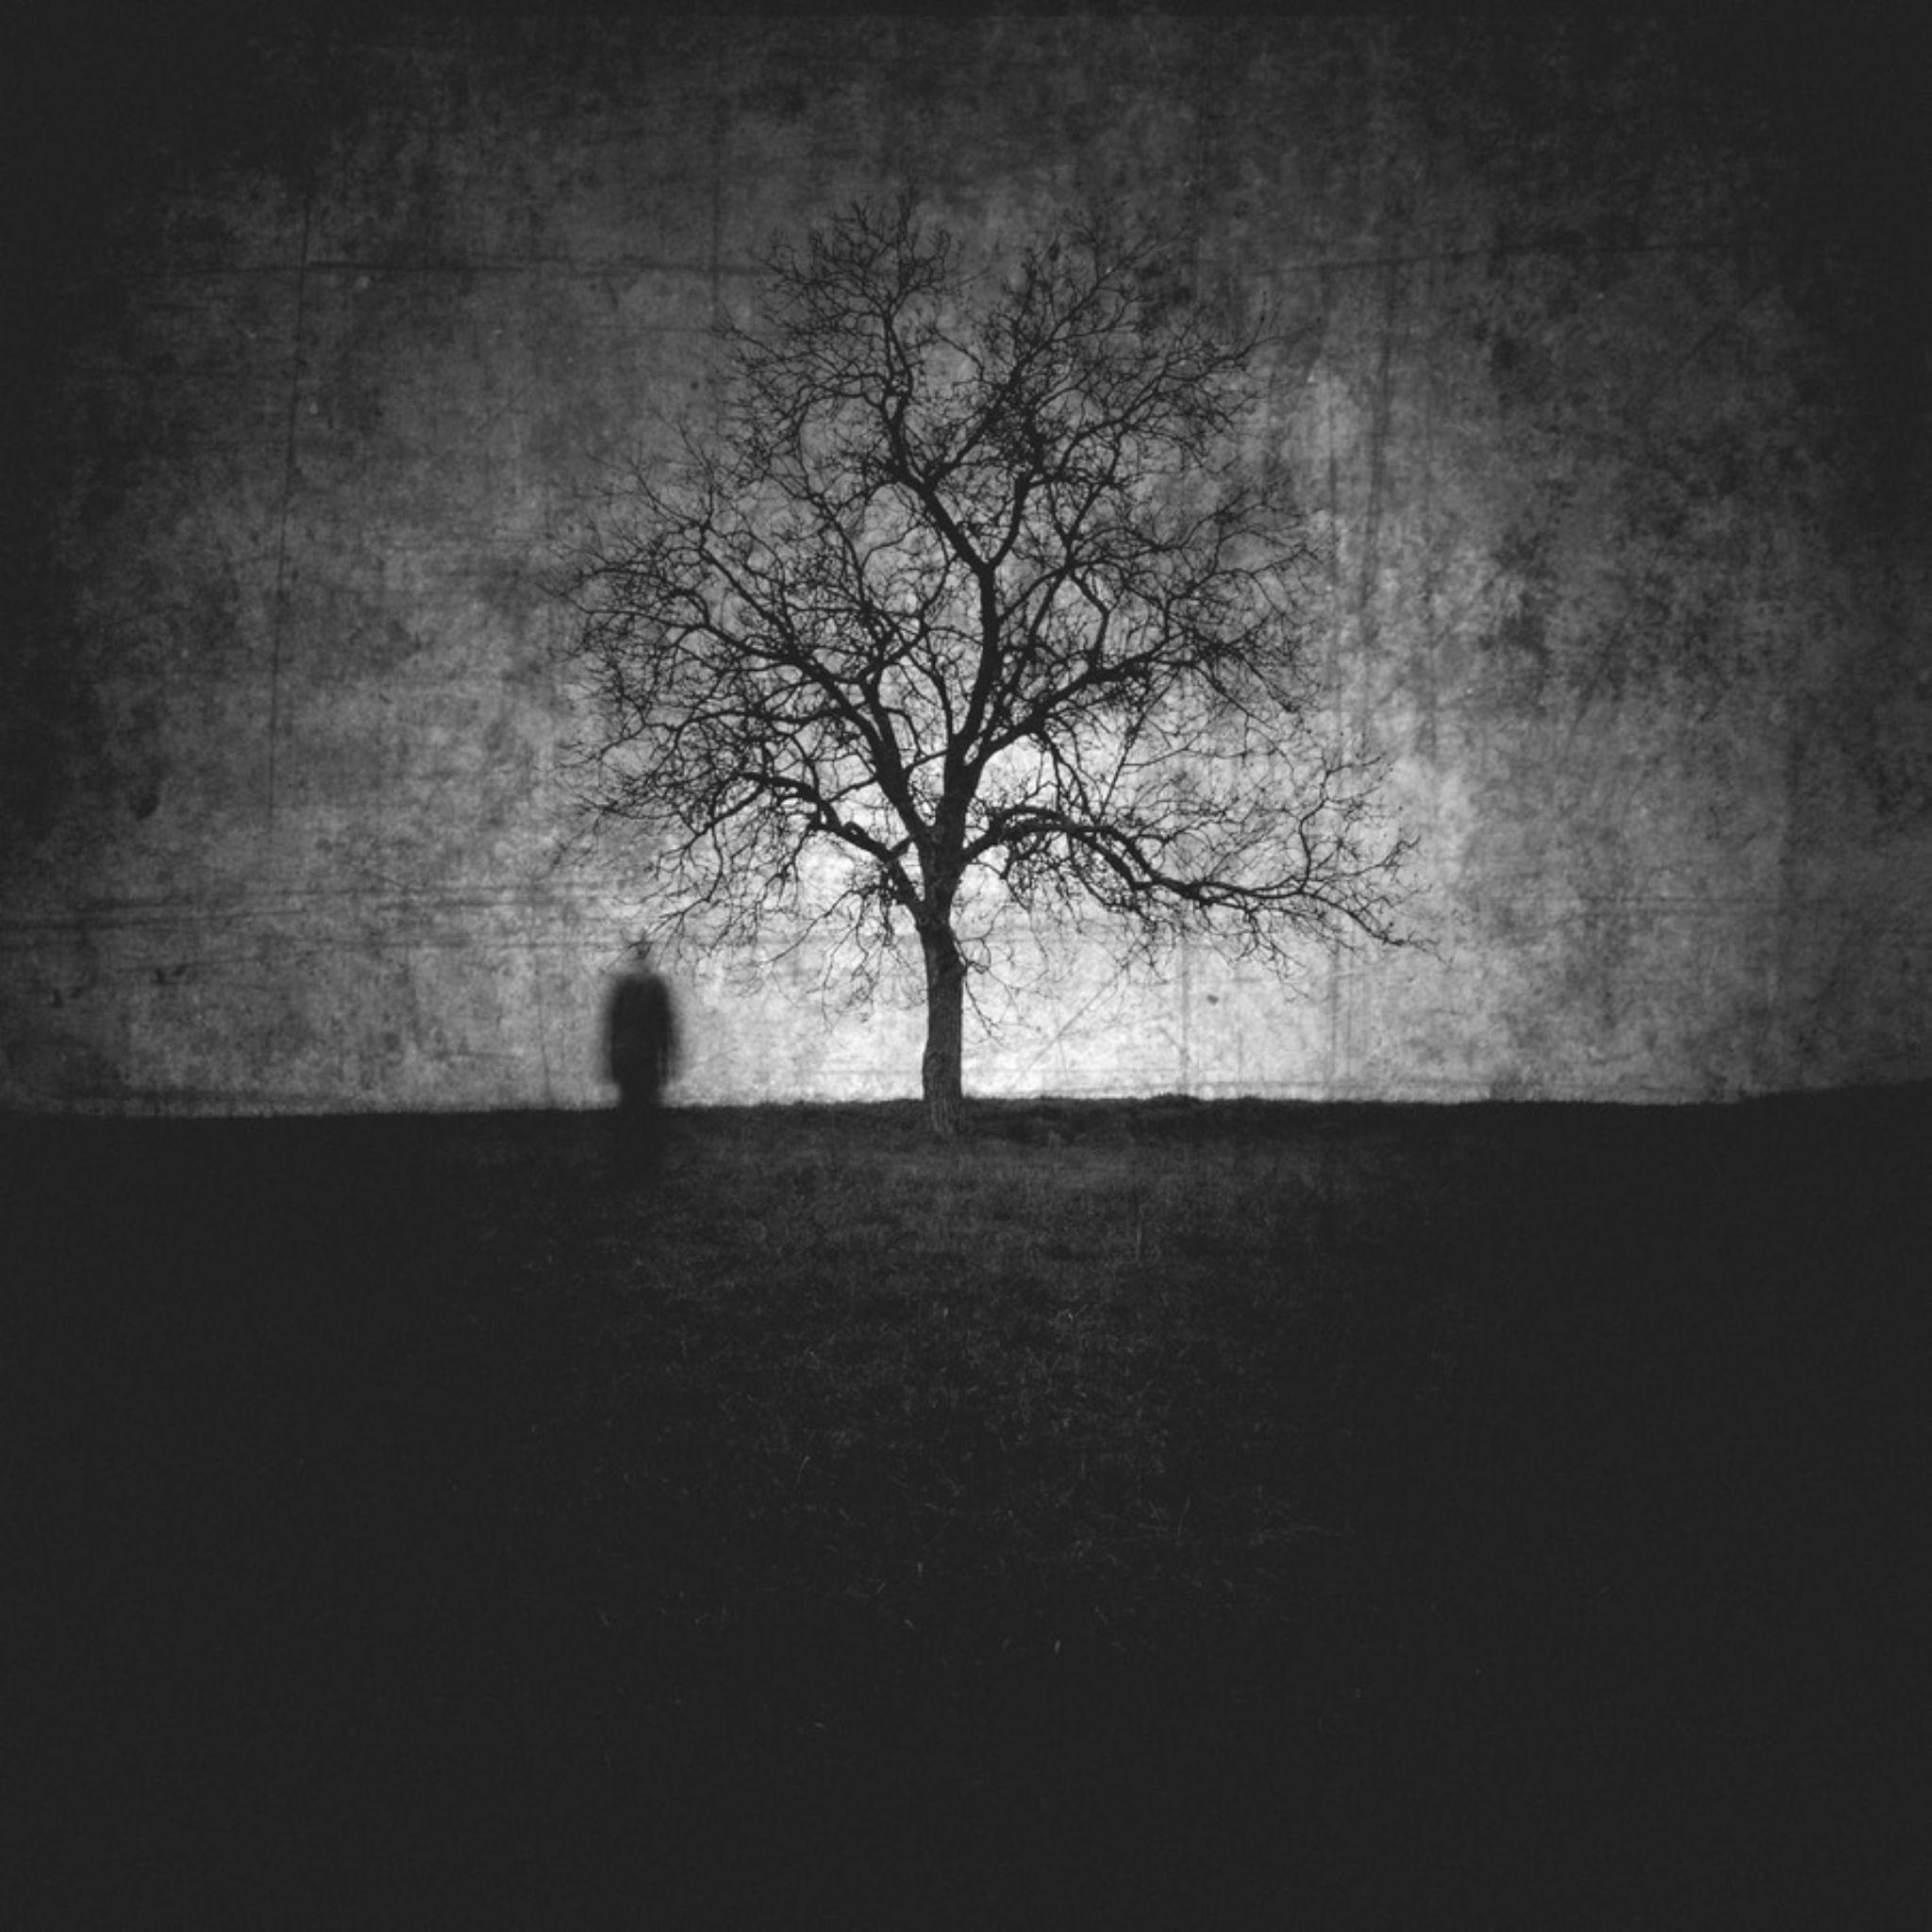 Parfois, un arbre humanise mieux un paysage que ne le ferait un homme by Stephane Anthonioz